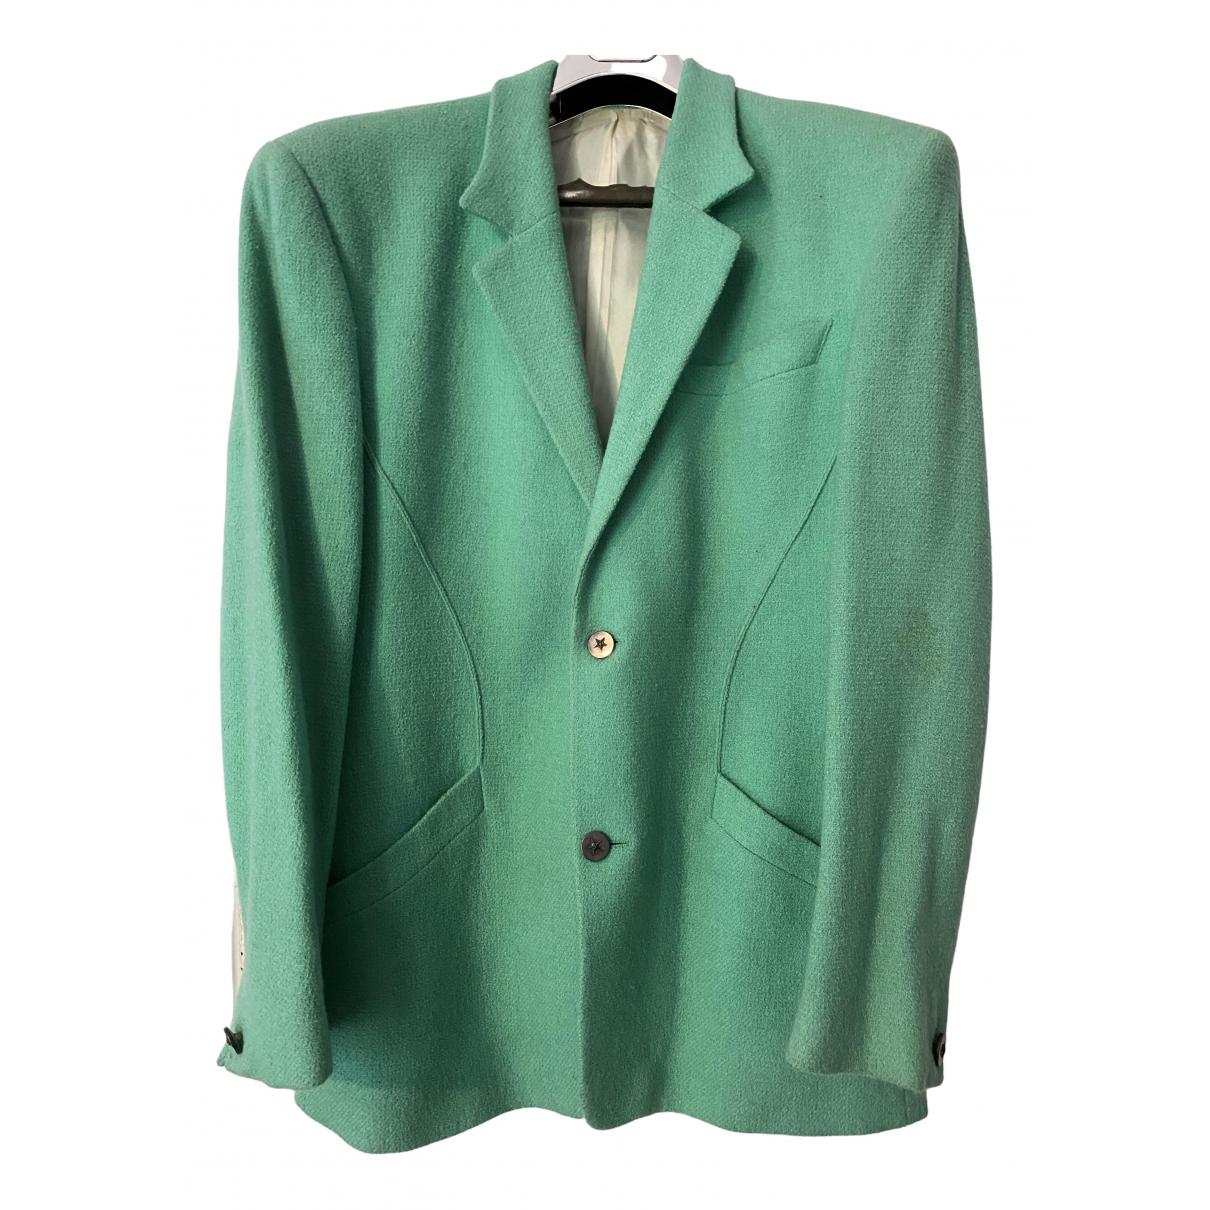 Thierry Mugler \N Turquoise Tweed jacket  for Men M International